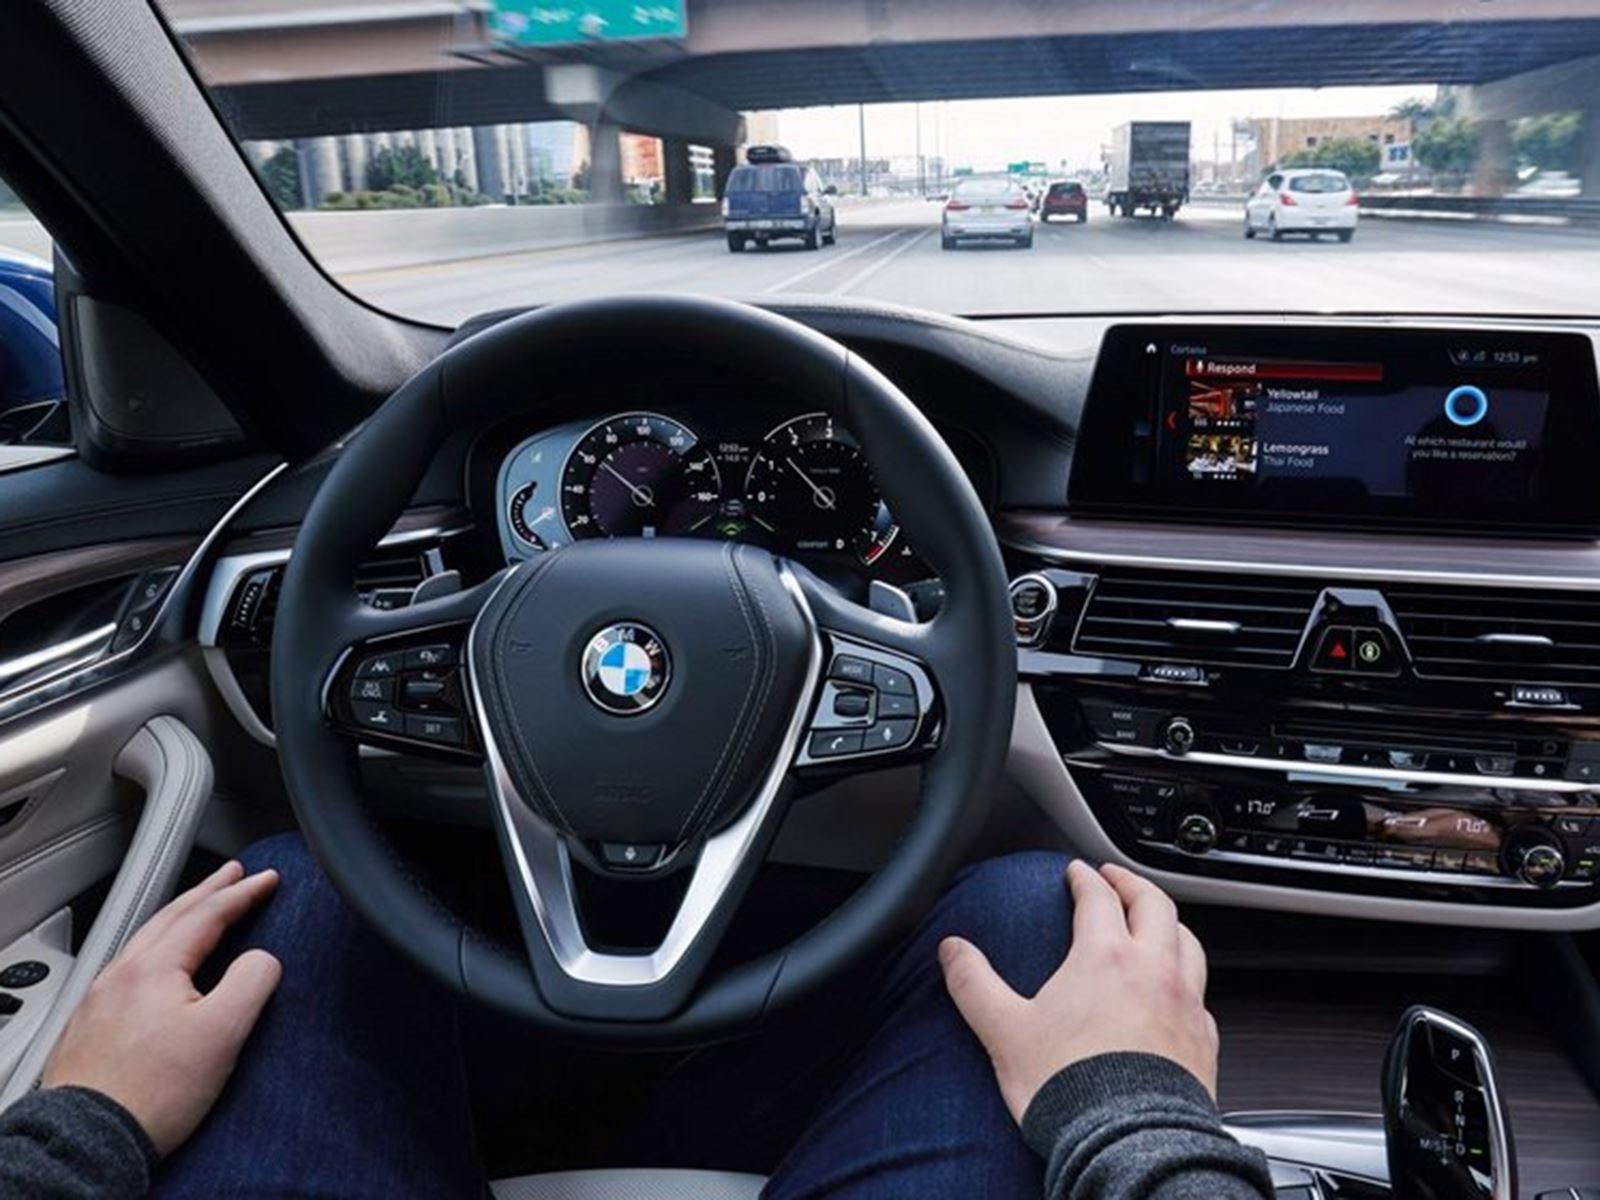 Auto Express сообщает о новых потенциальных законах (в Соединенном Королевстве), которые могут запрещать водителям автономных автомобилей смотреть телевизор, читать или вообще отвлекаться, пока автомобиль едет.